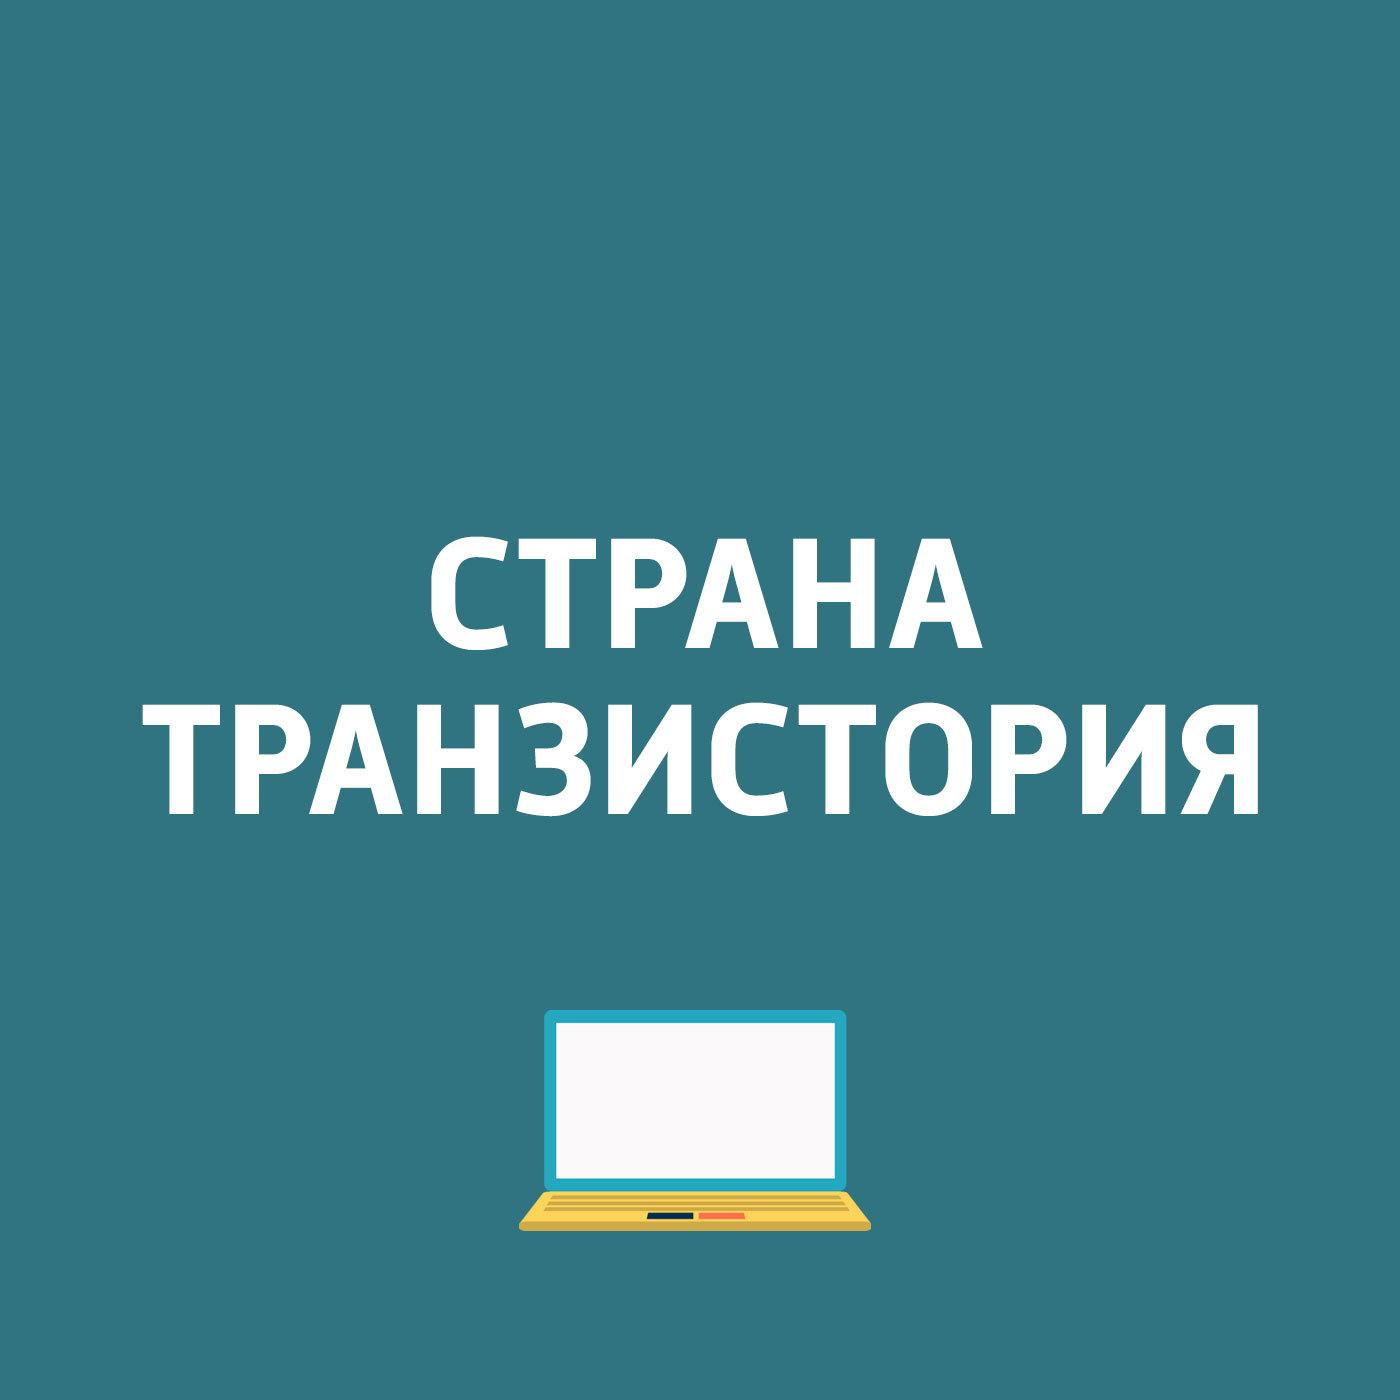 """Кольца в метро Москвы; Lenovo представила ноутбук в линейке Legion; Обновилось мобильное приложение «Госуслуги"""""""